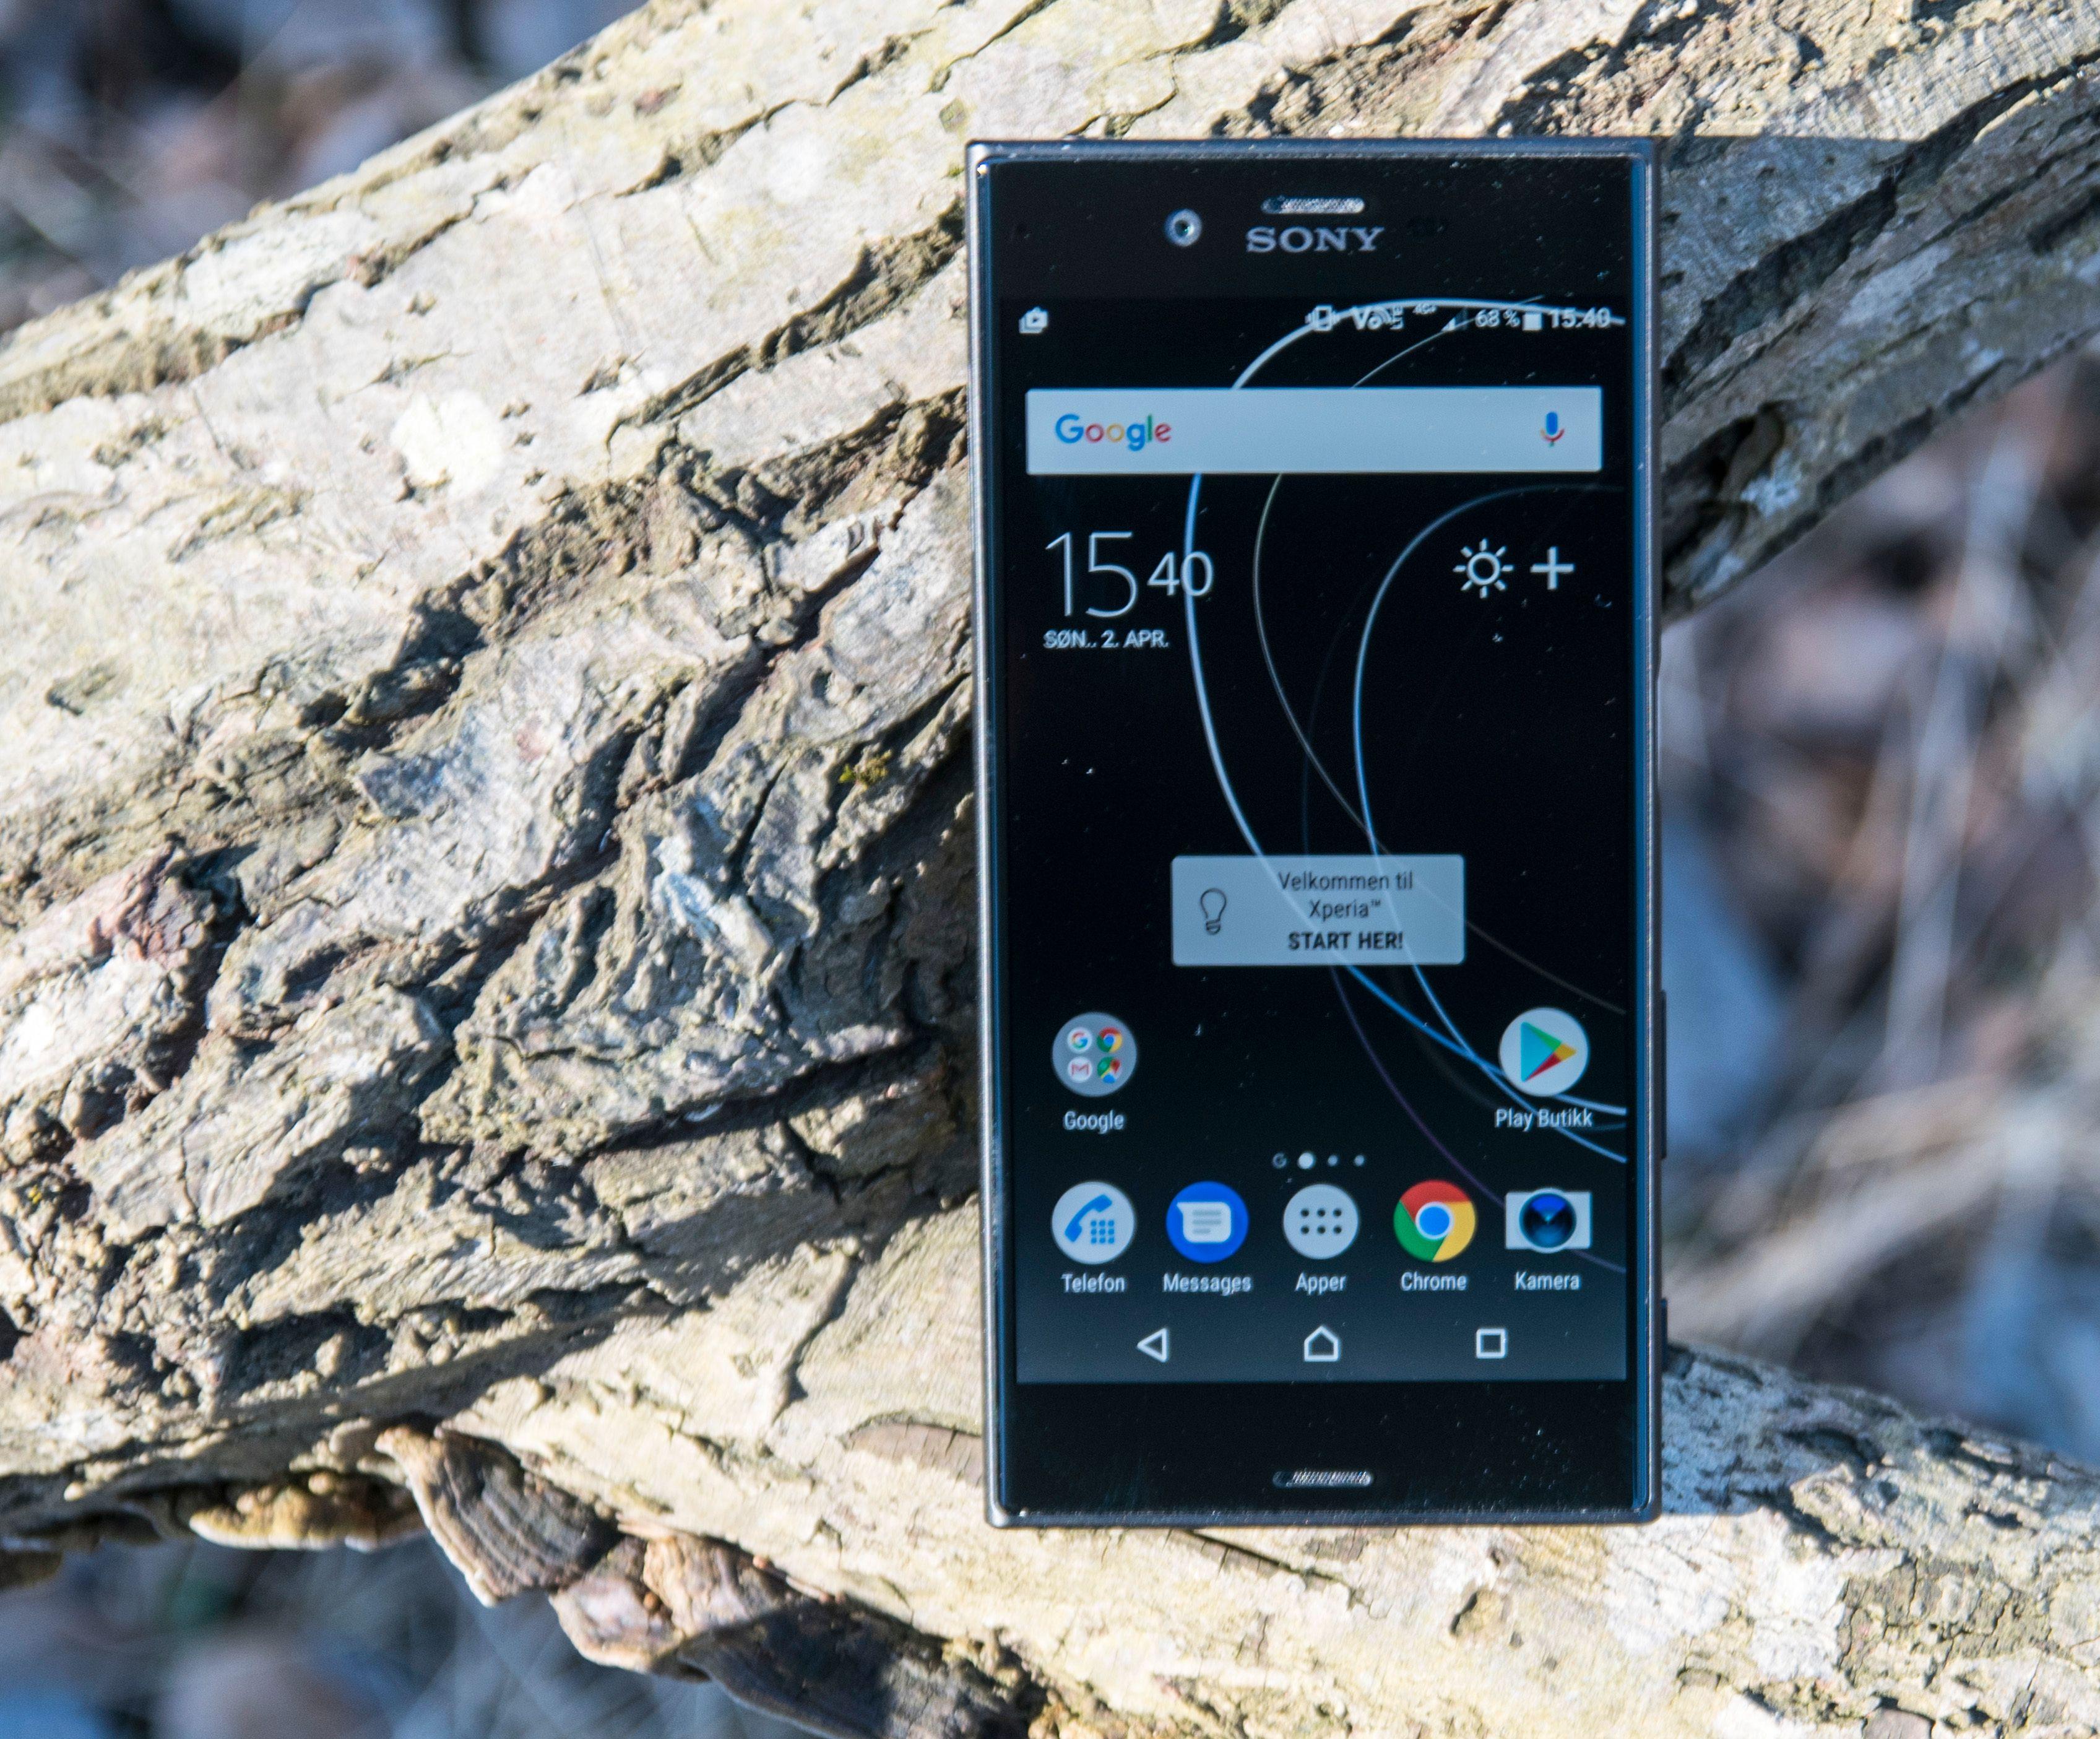 Brukeropplevelsen i Sonys litt påkostede mobiler er som regel rask og god. XZs er intet unntak. Den er dessuten ørlite grann mer fremtidssikker enn forgjengeren, med en gigabyte mer RAM. Bilde: Finn Jarle Kvalheim, Tek.no